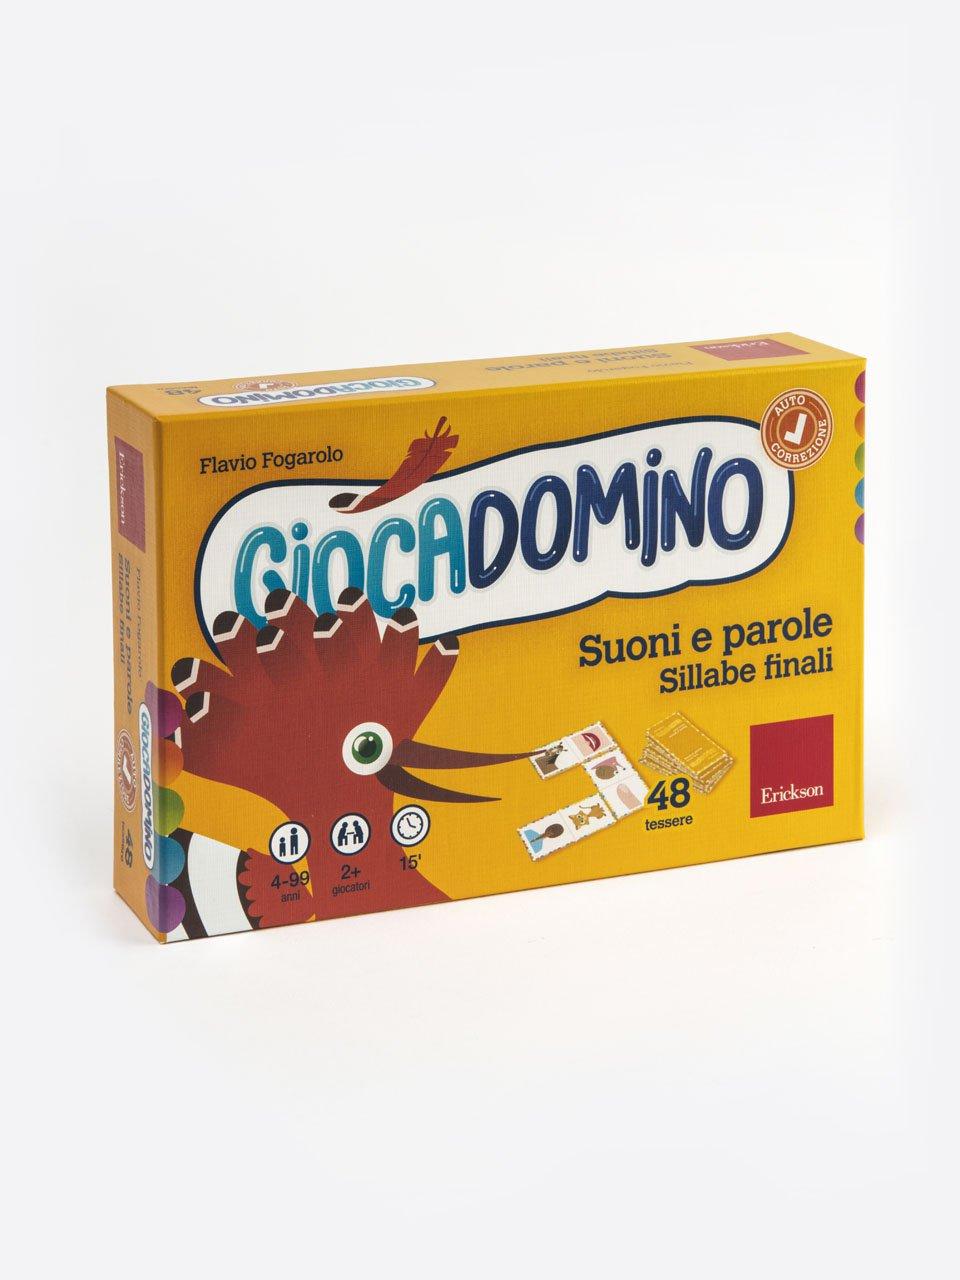 Giocadomino - Suoni e parole - Sillabe finali - Schede per Tablotto (6-8 anni) - La casa misterios - Giochi - Erickson